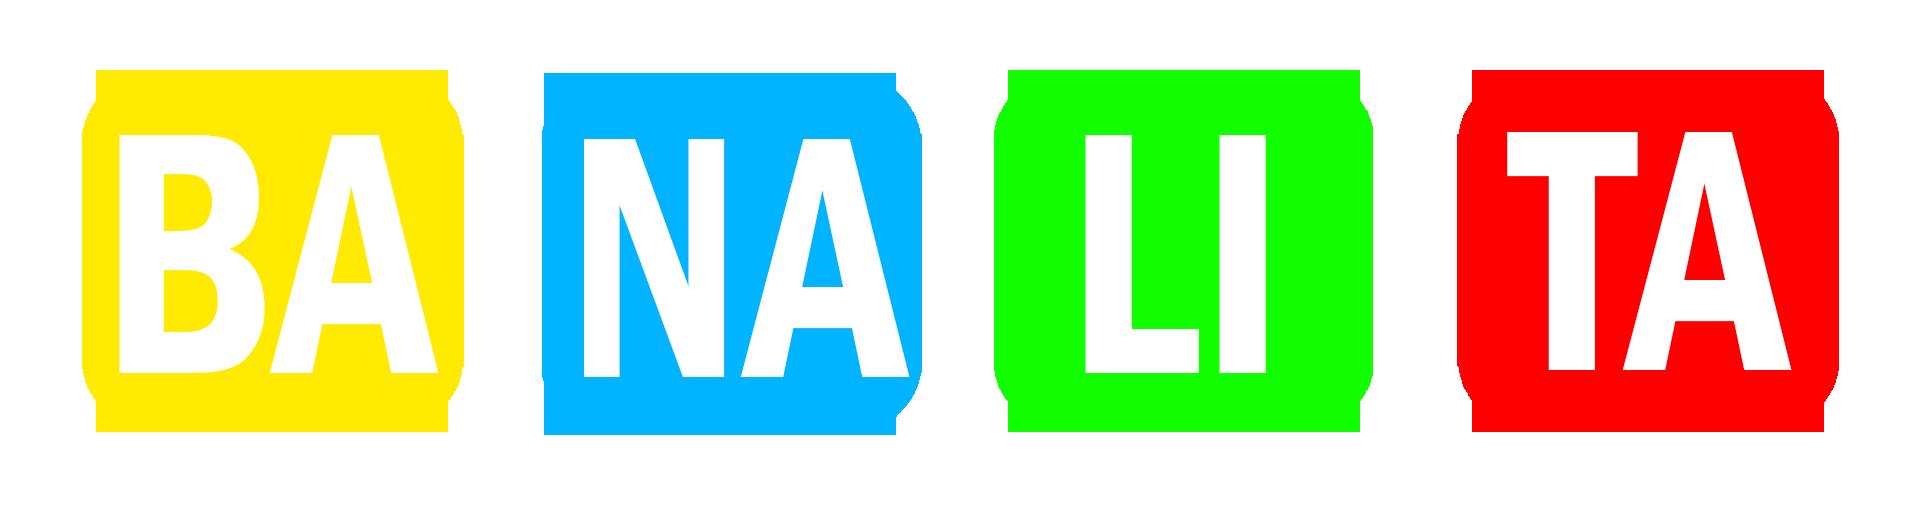 Banalita